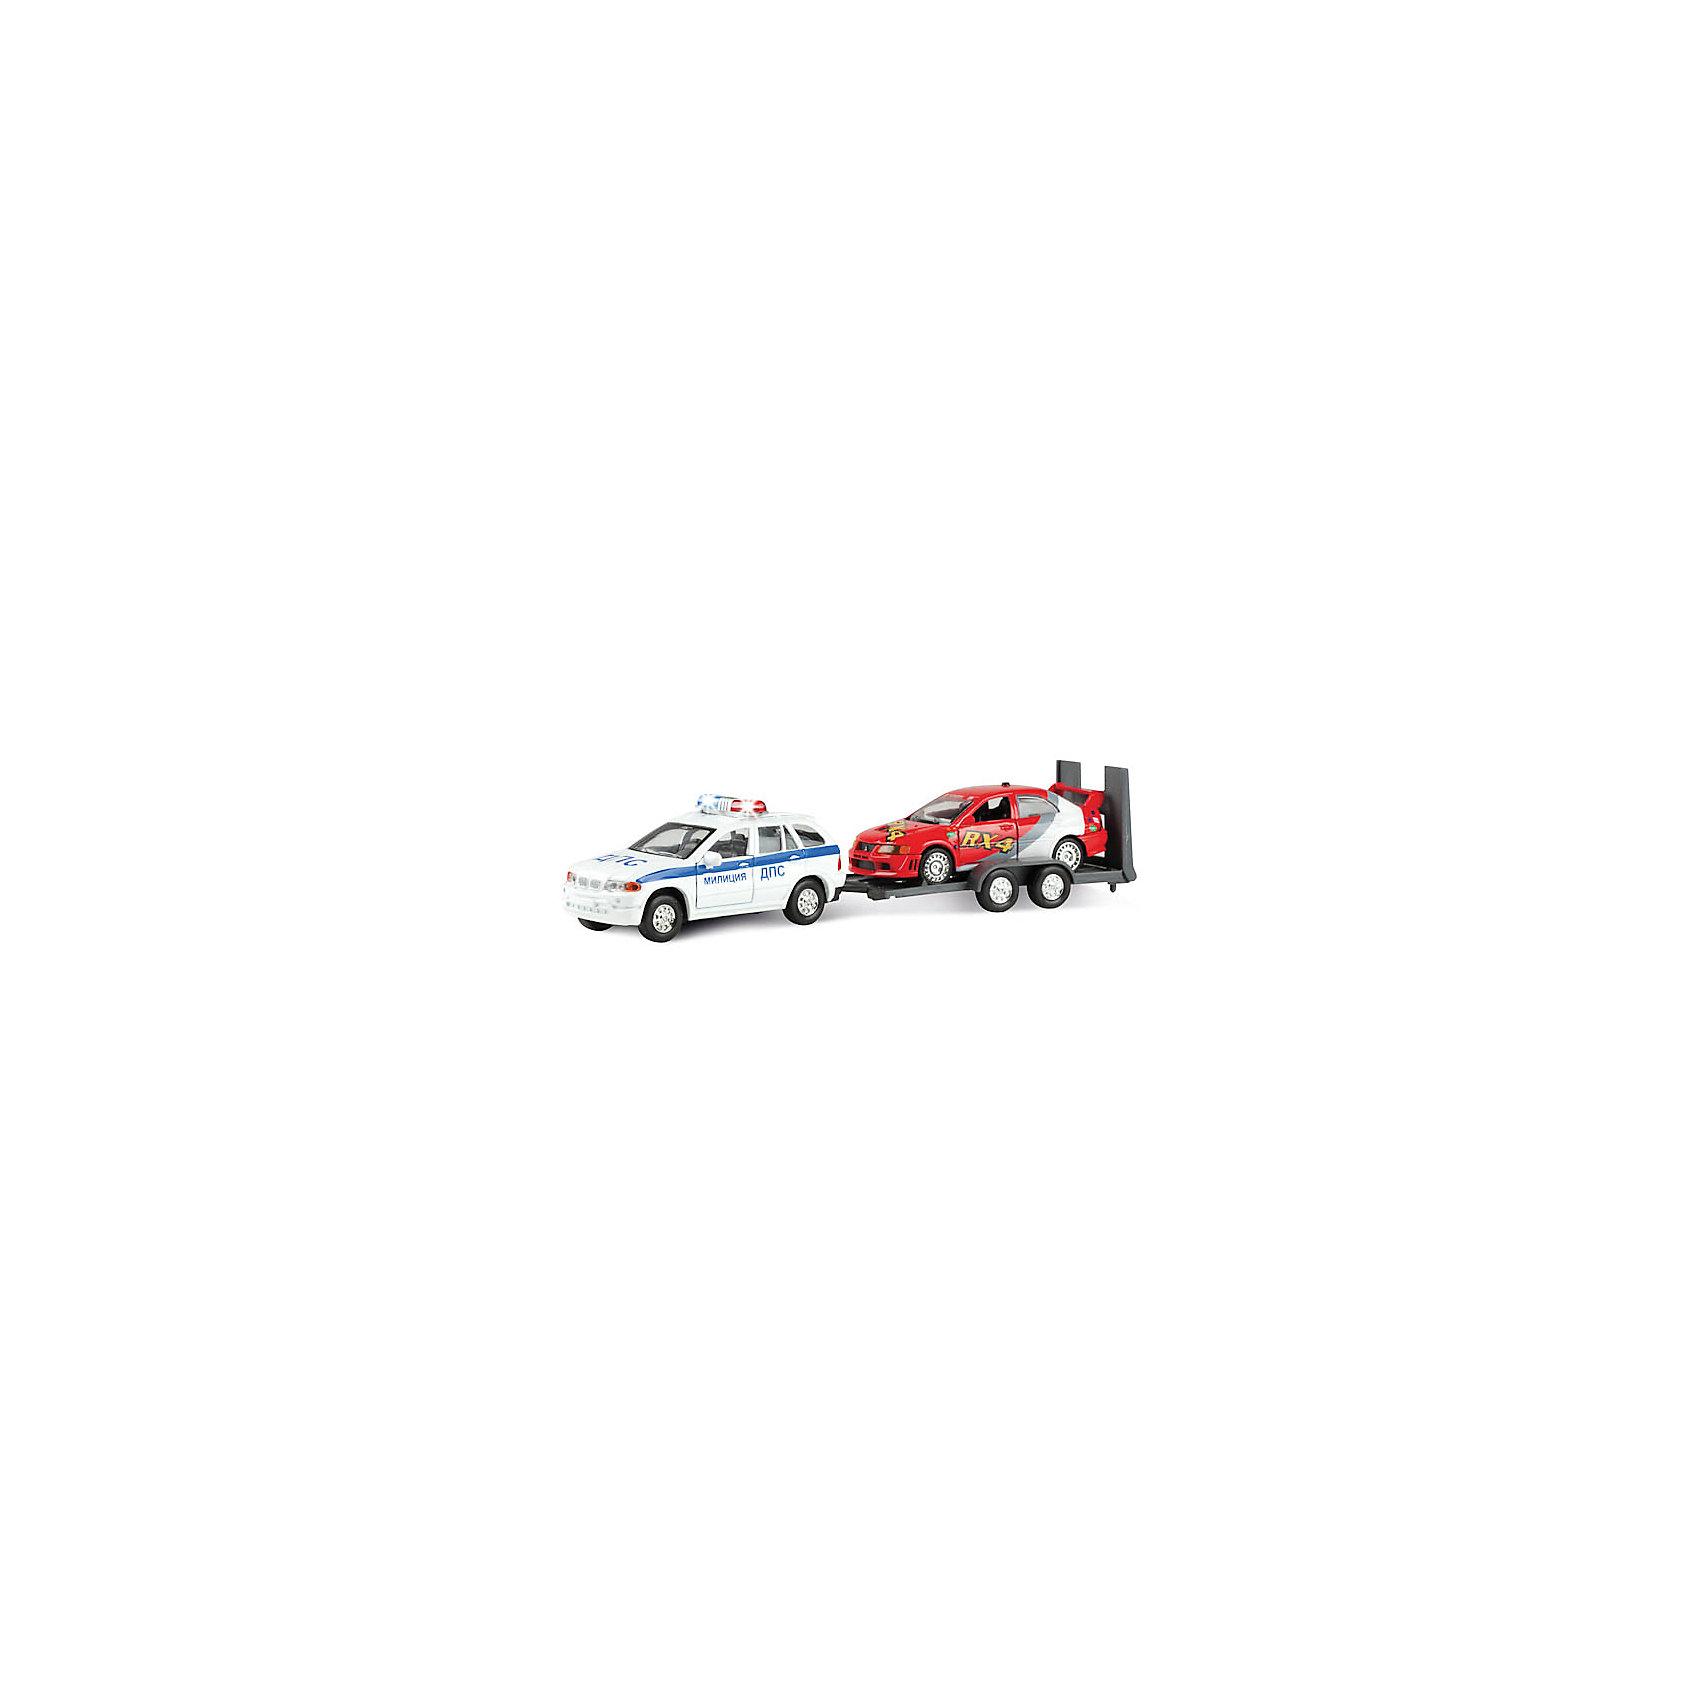 Эвакуатор ДПС/ техпомощь с машиной, ТЕХНОПАРКМашинки<br>Эвакуатор ДПС/ техпомощь с машиной Технопарк металлическая инерционная.<br><br>Ширина мм: 90<br>Глубина мм: 140<br>Высота мм: 340<br>Вес г: 580<br>Возраст от месяцев: 36<br>Возраст до месяцев: 84<br>Пол: Мужской<br>Возраст: Детский<br>SKU: 5420368